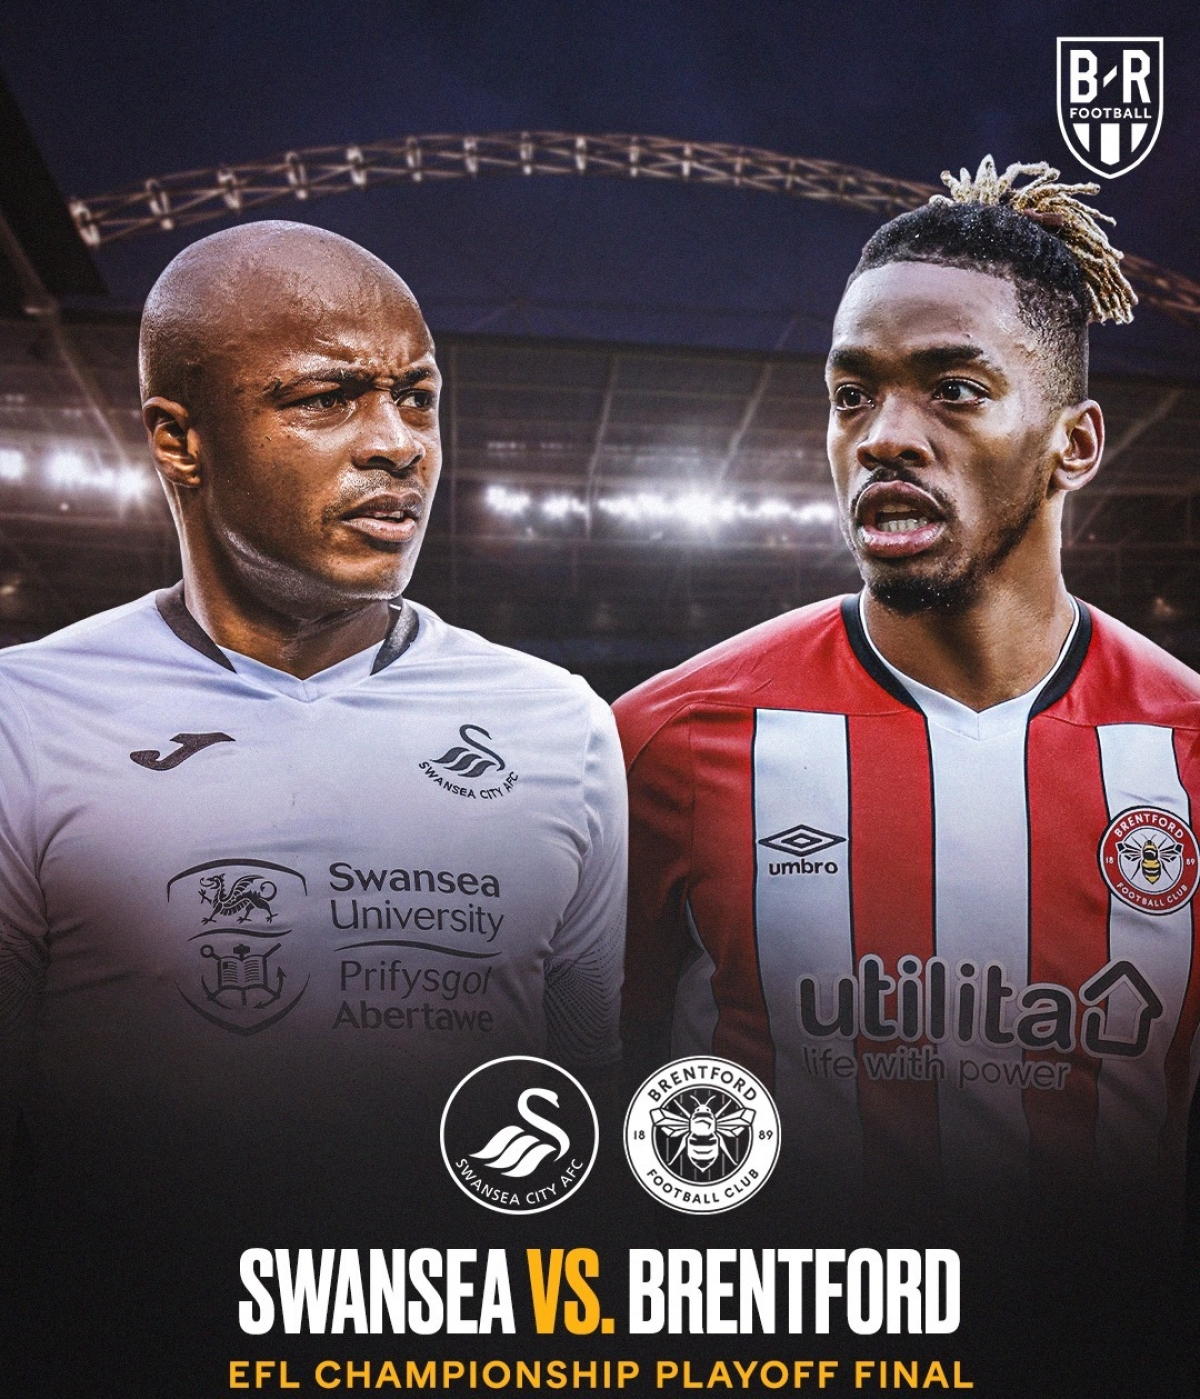 Swansea và Brentford cạnh tranh vé cuối cùng lên chơi ở Ngoại hạng Anh mùa tới. (Ảnh: Bleacher Report).